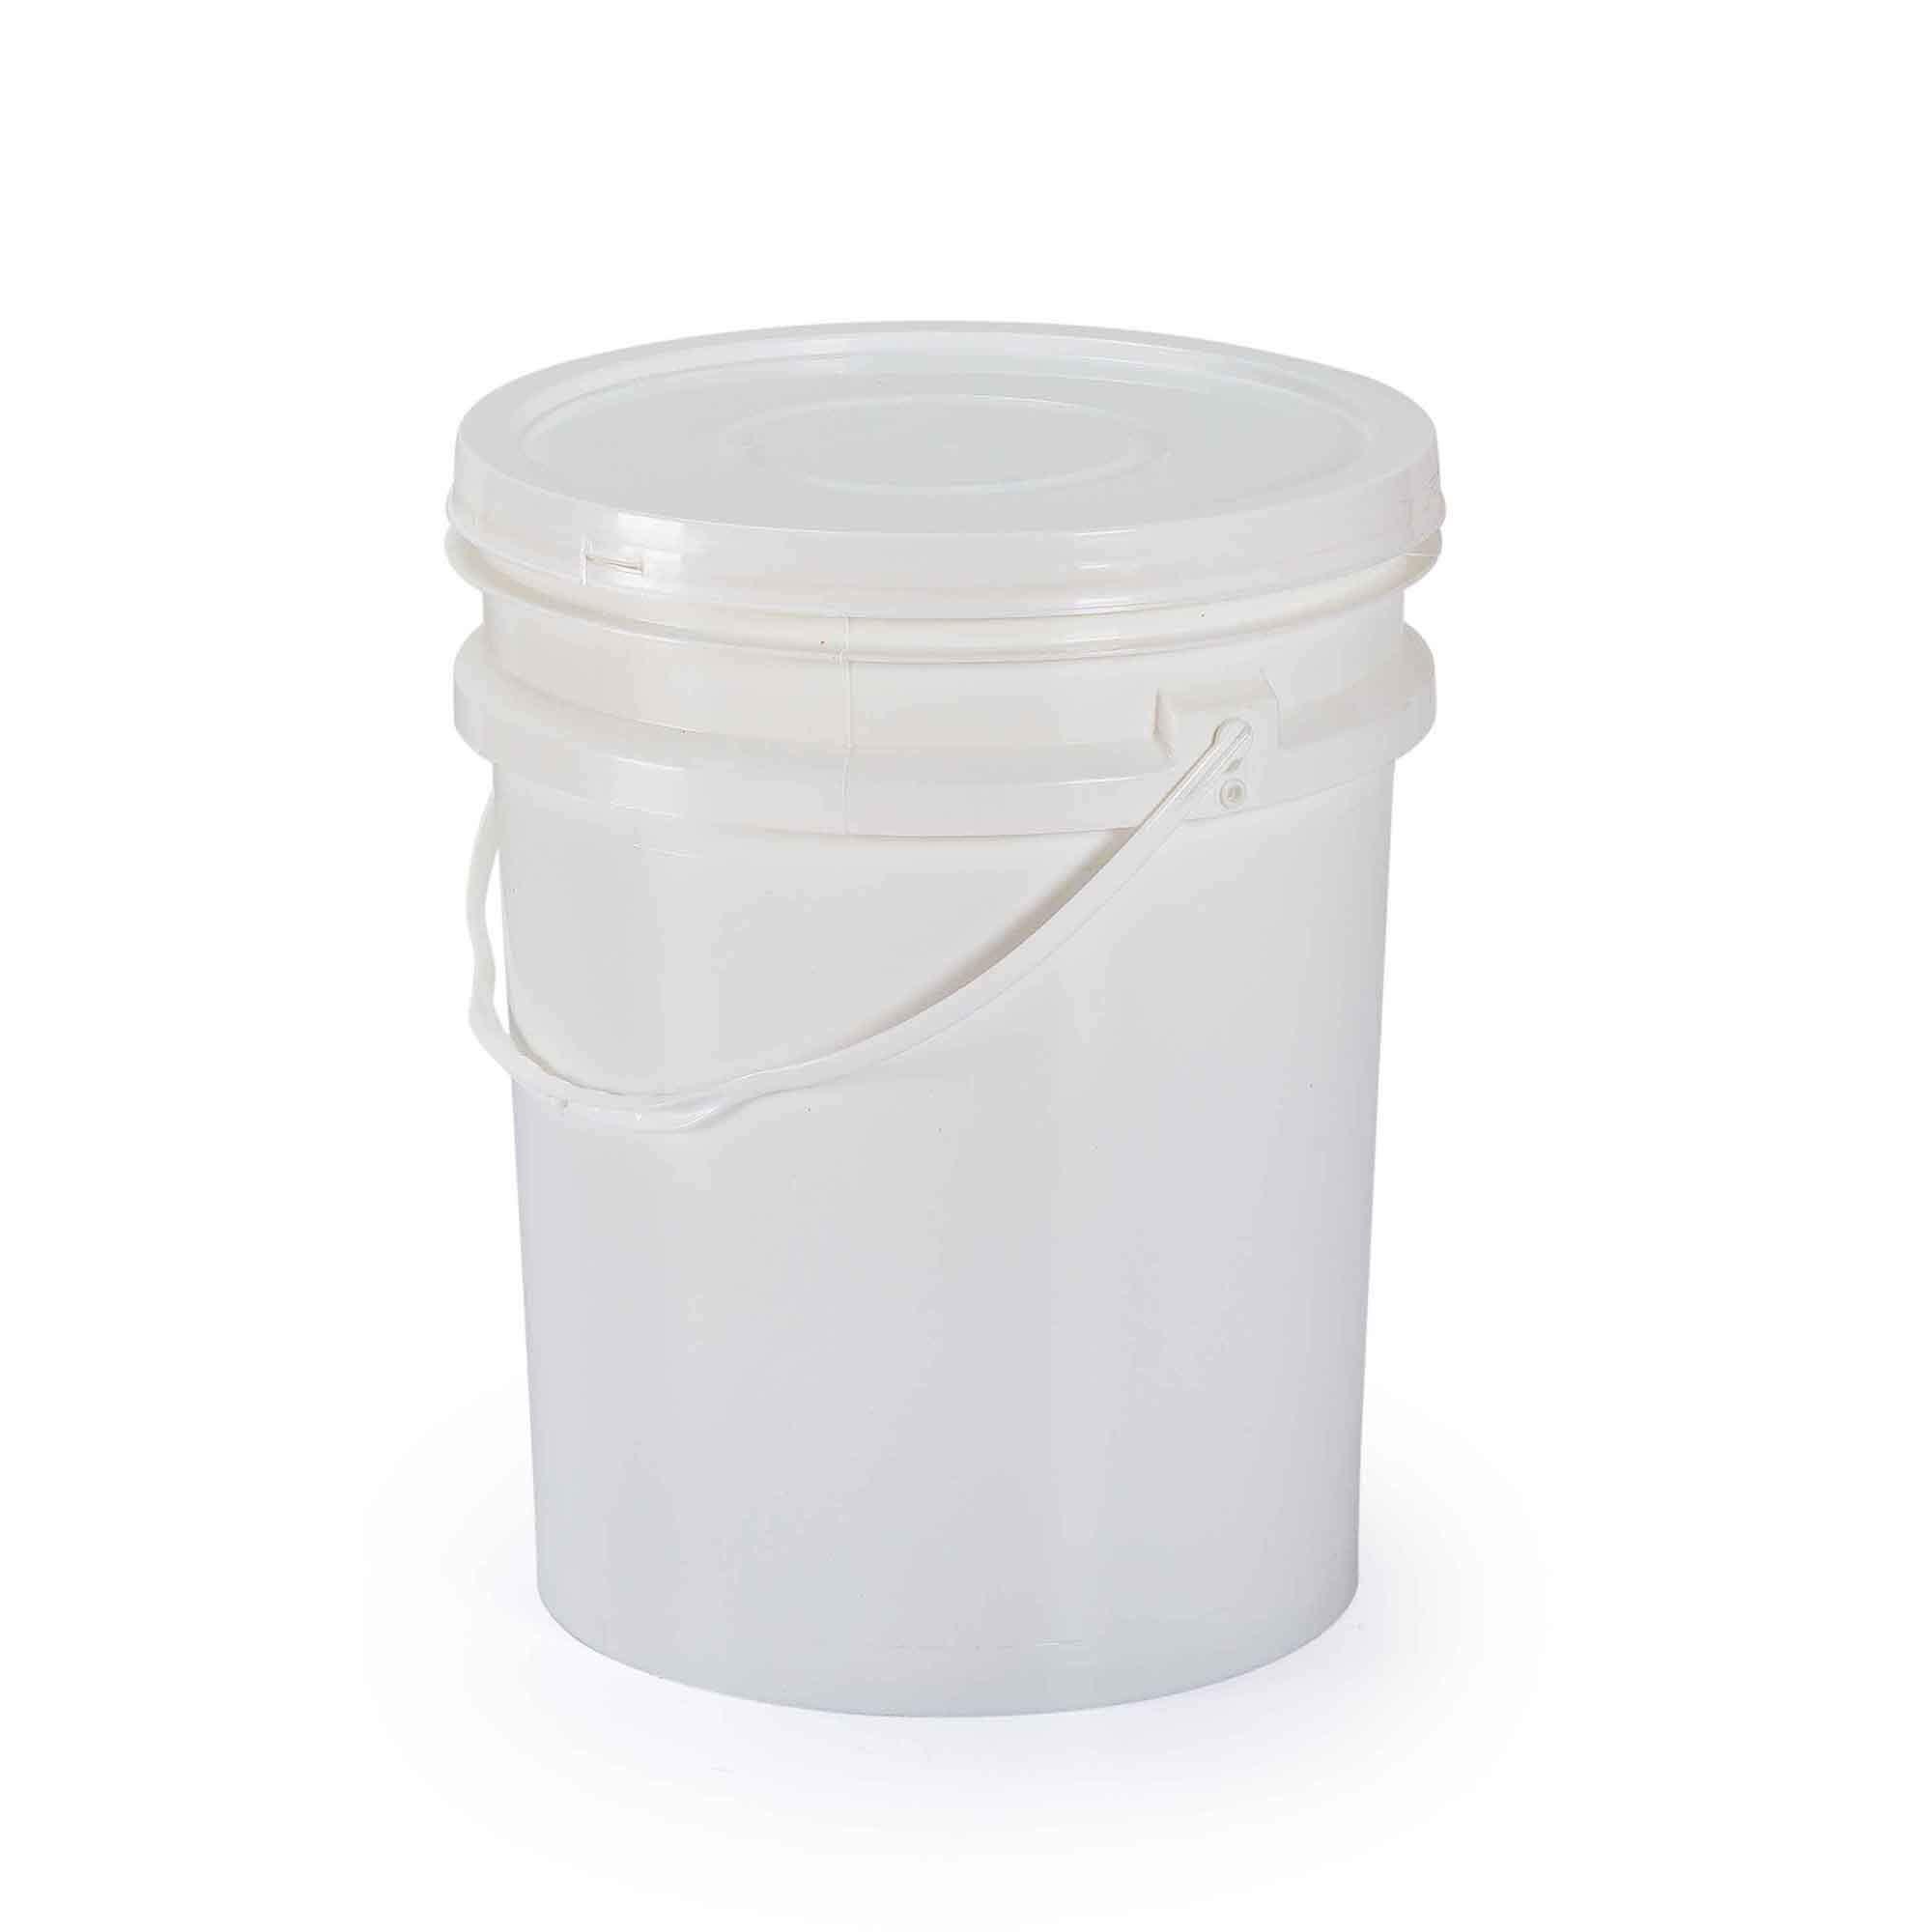 Balde para mel plástico com tampa - 20 litros reforçado